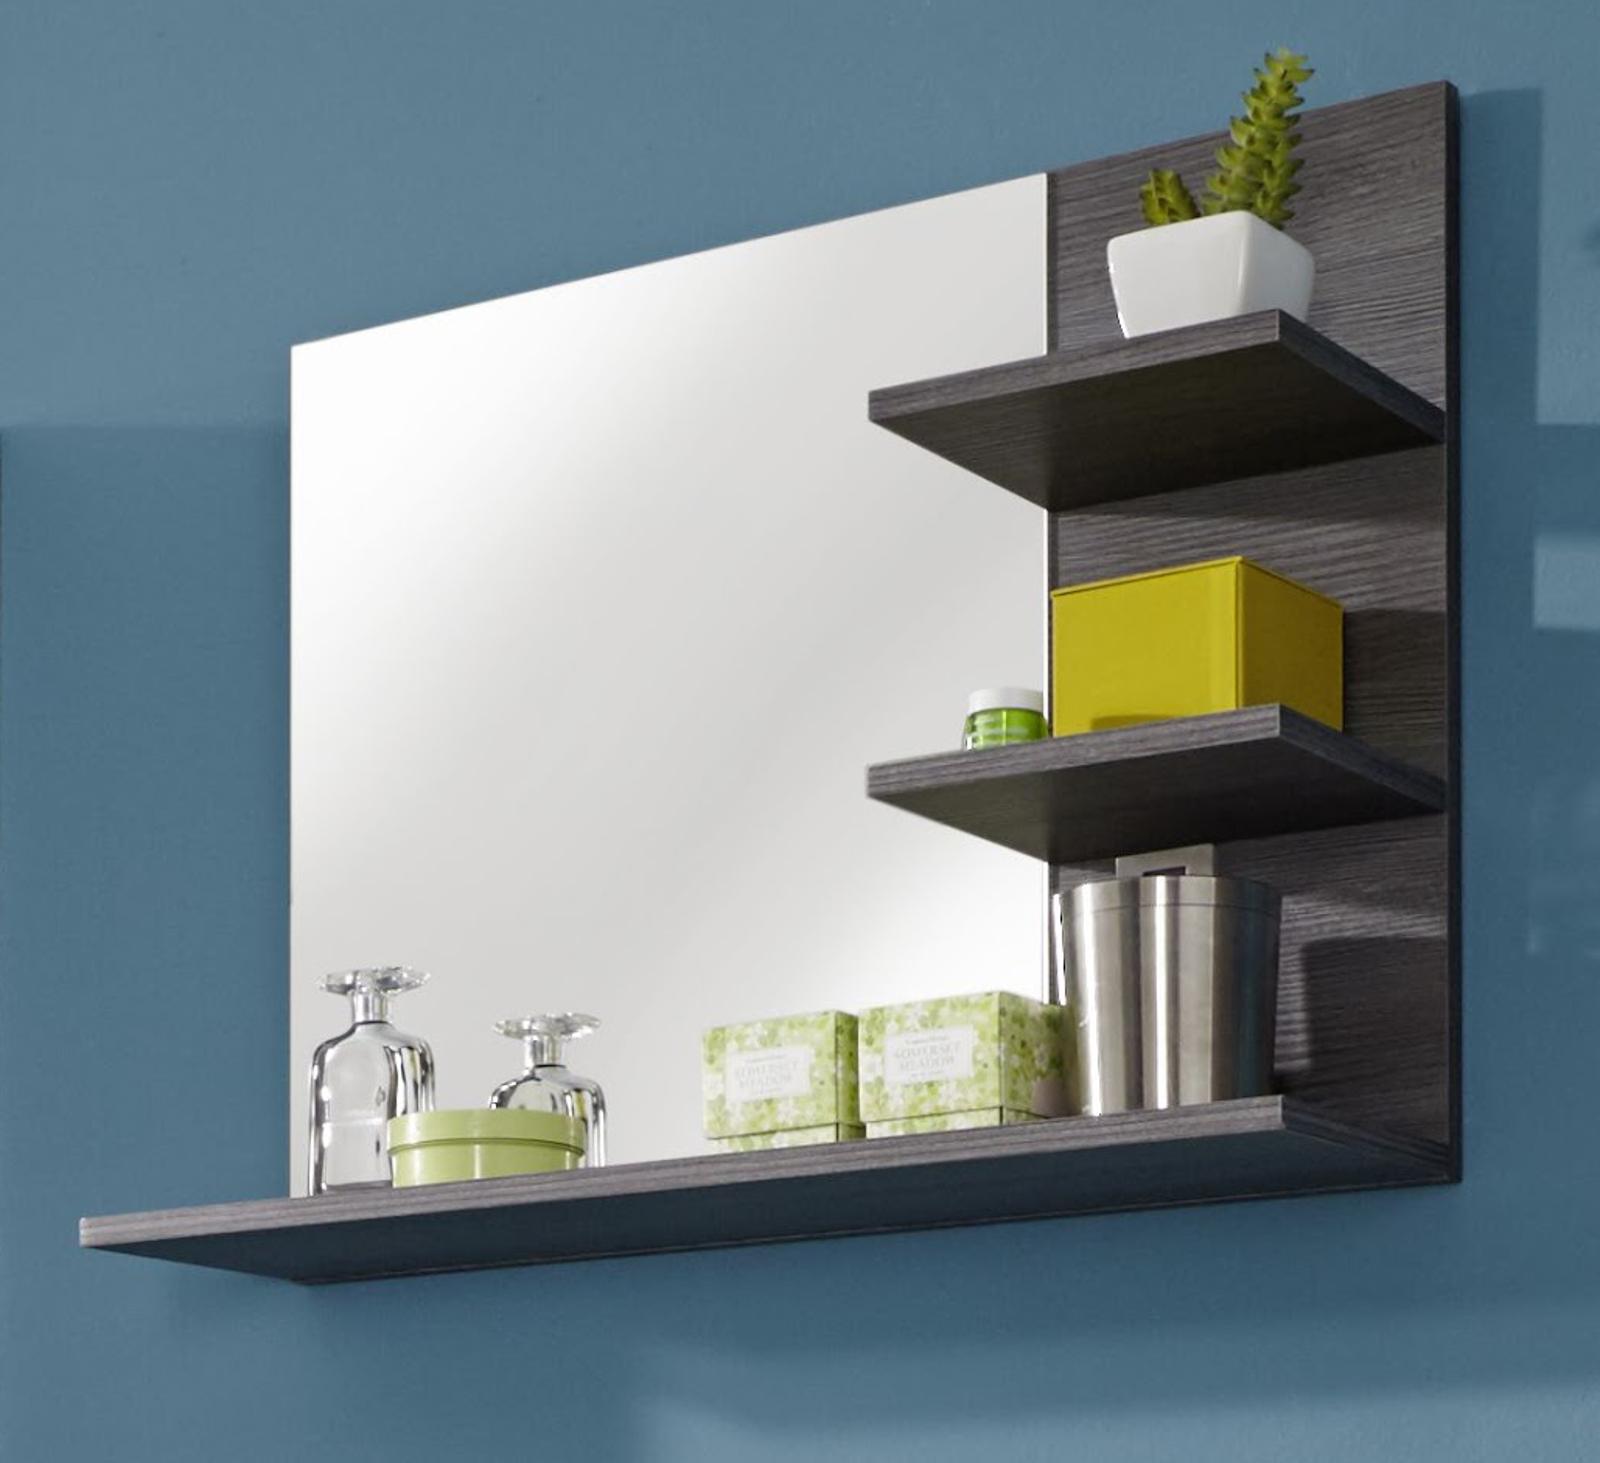 miroirs de sale bain salle sardegna gris avec tag re. Black Bedroom Furniture Sets. Home Design Ideas